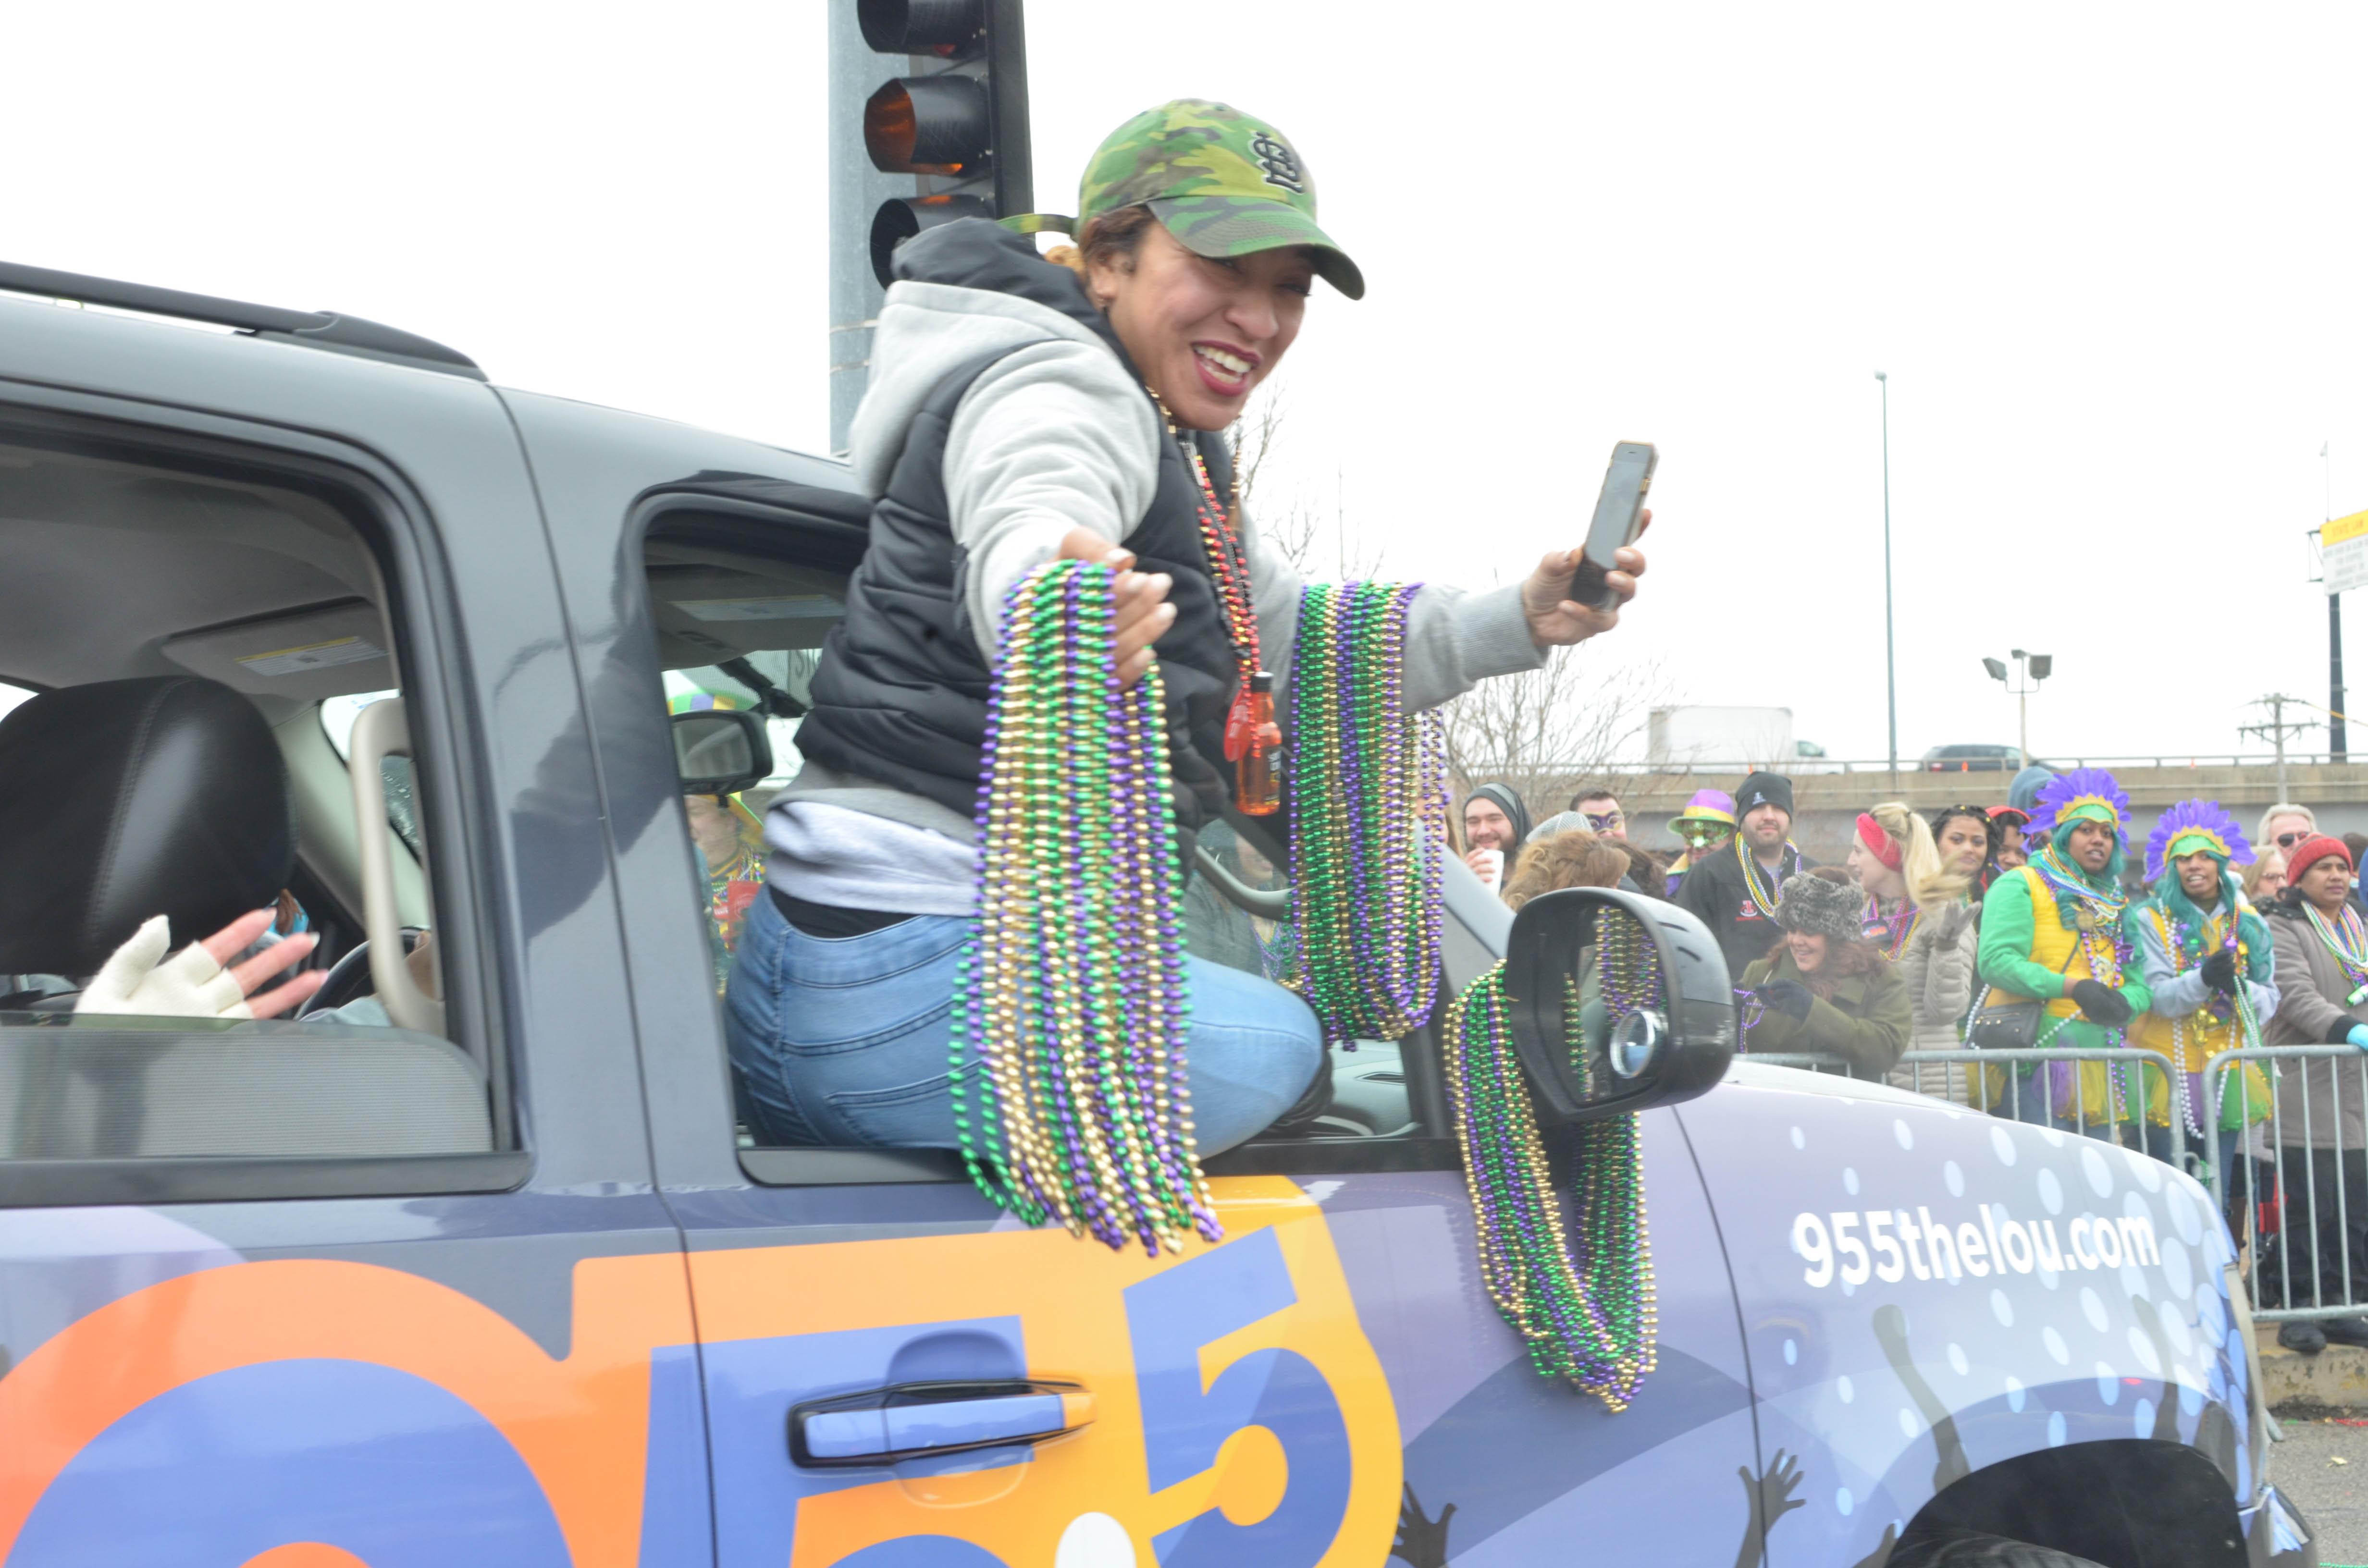 Mardi Gras Parade 2018